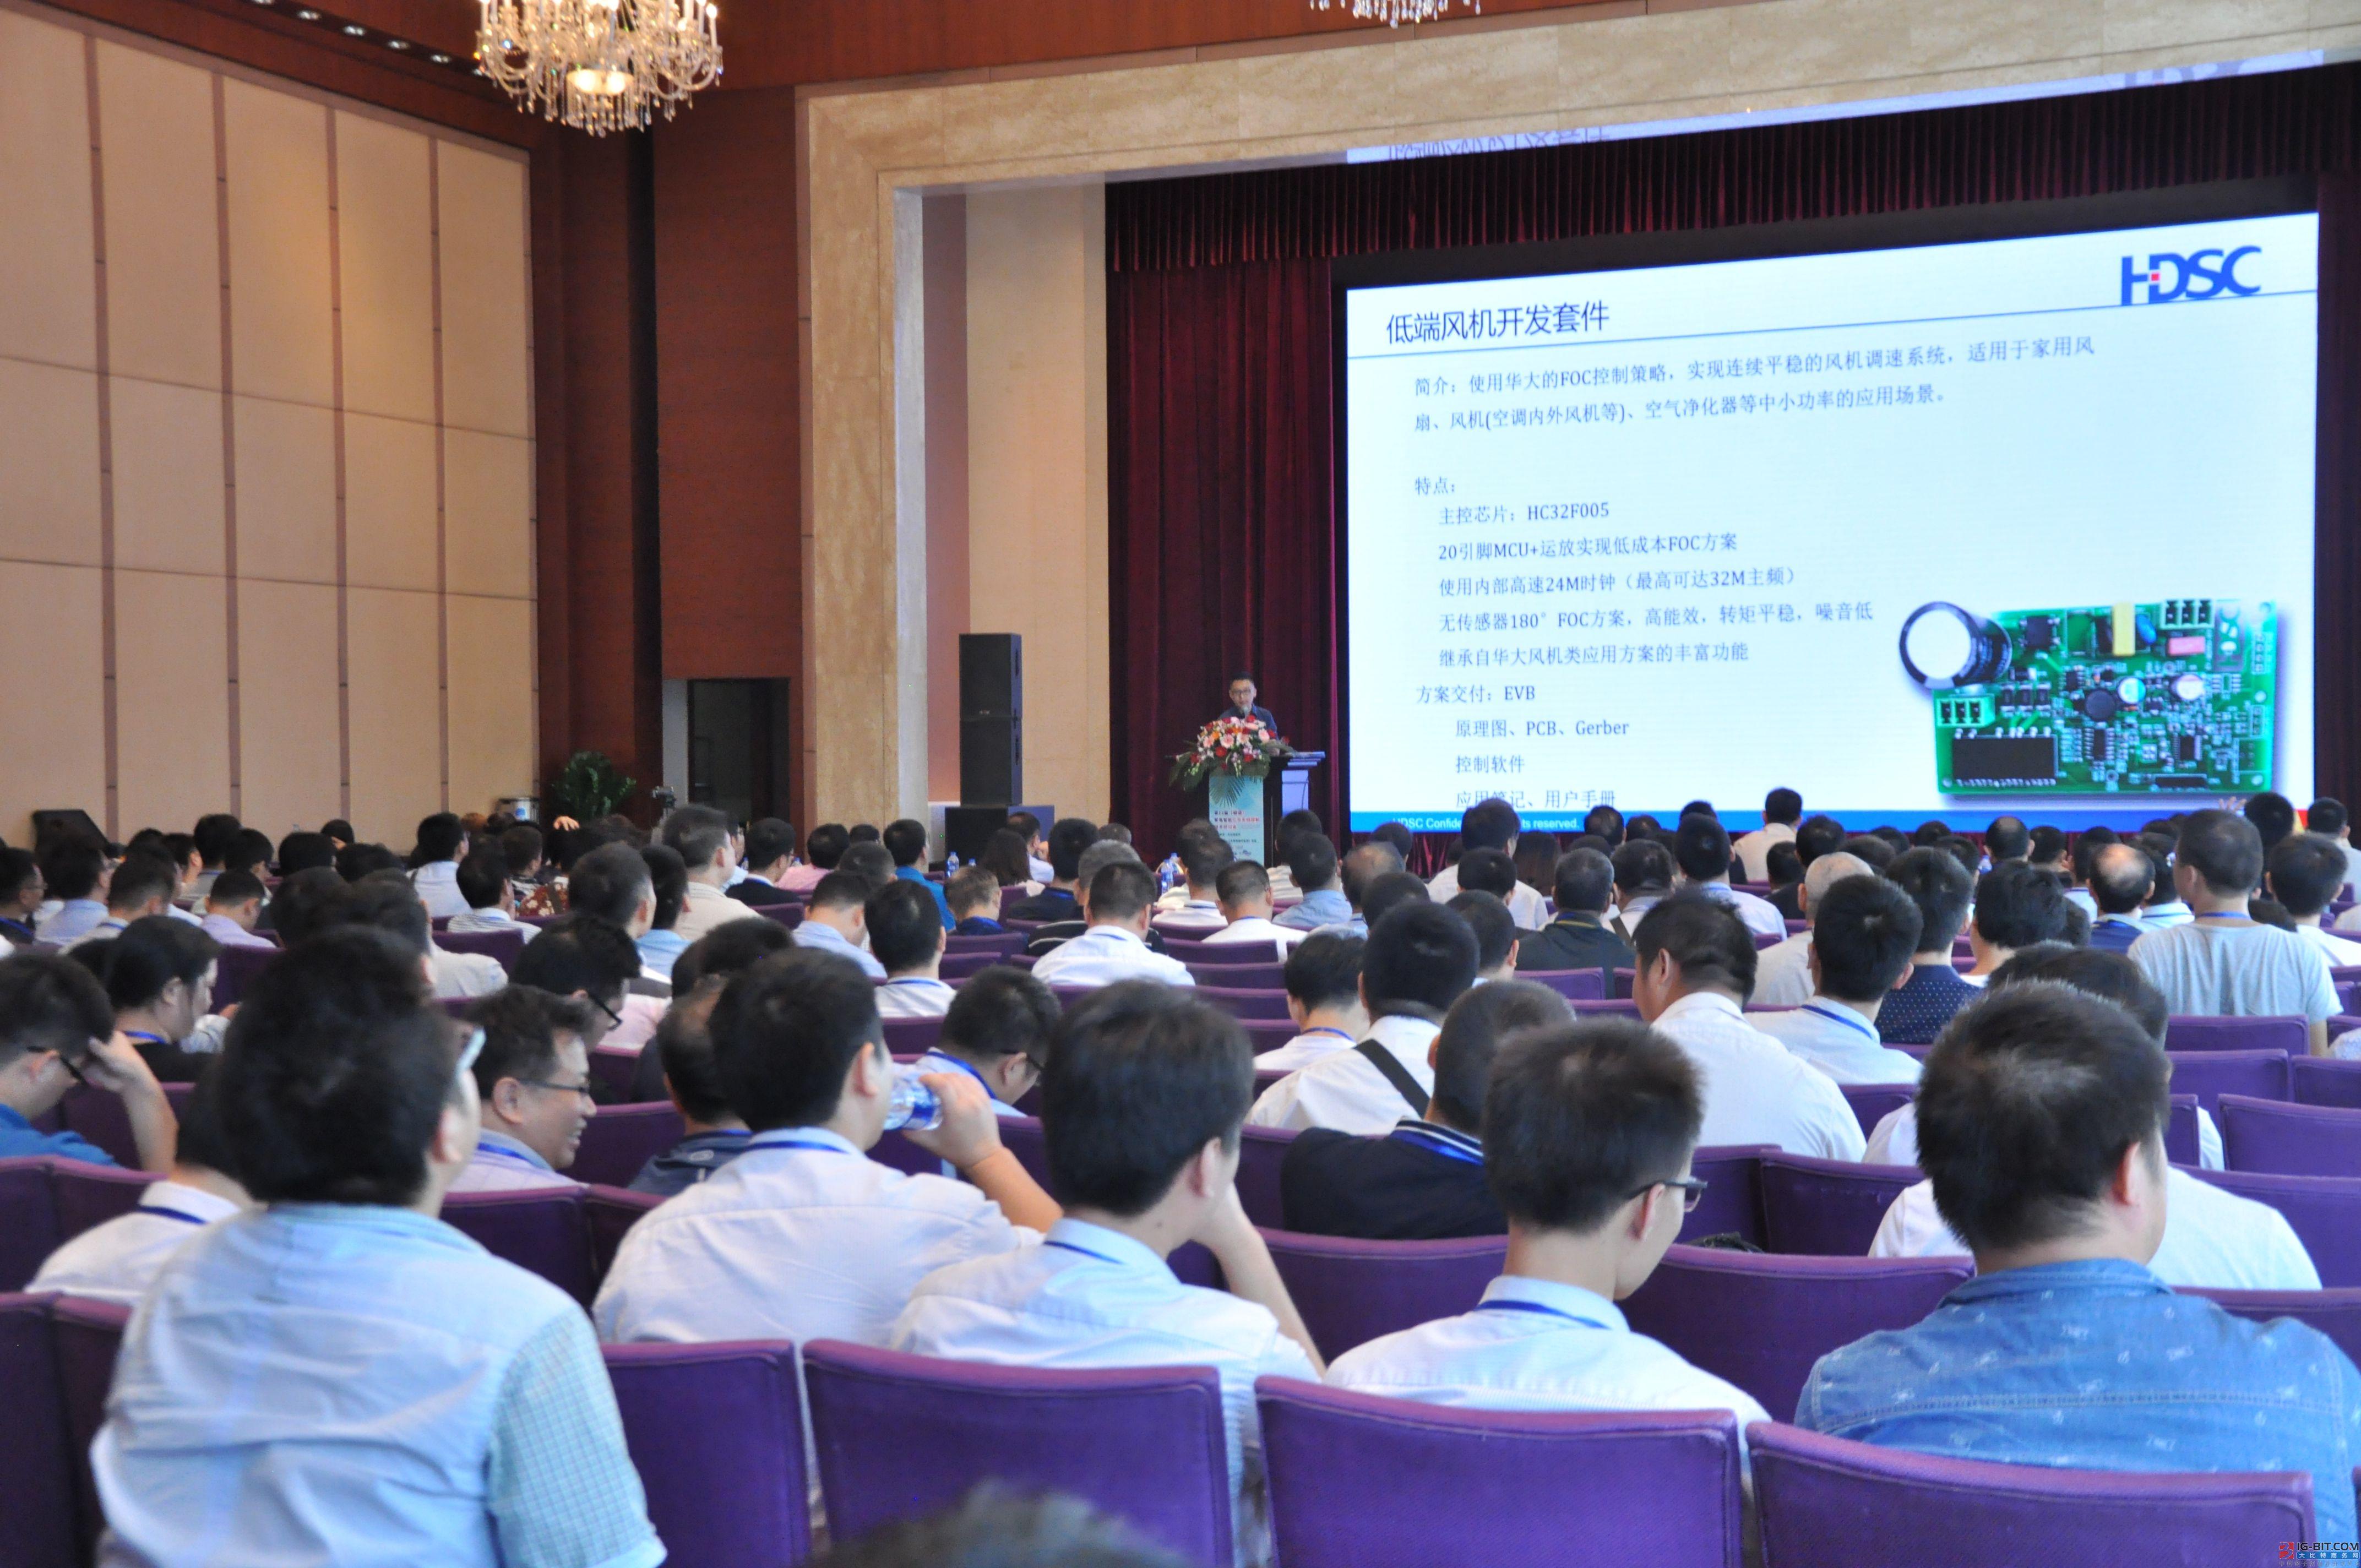 第12届顺德家电智能化与无线控制技术研讨会成功举办